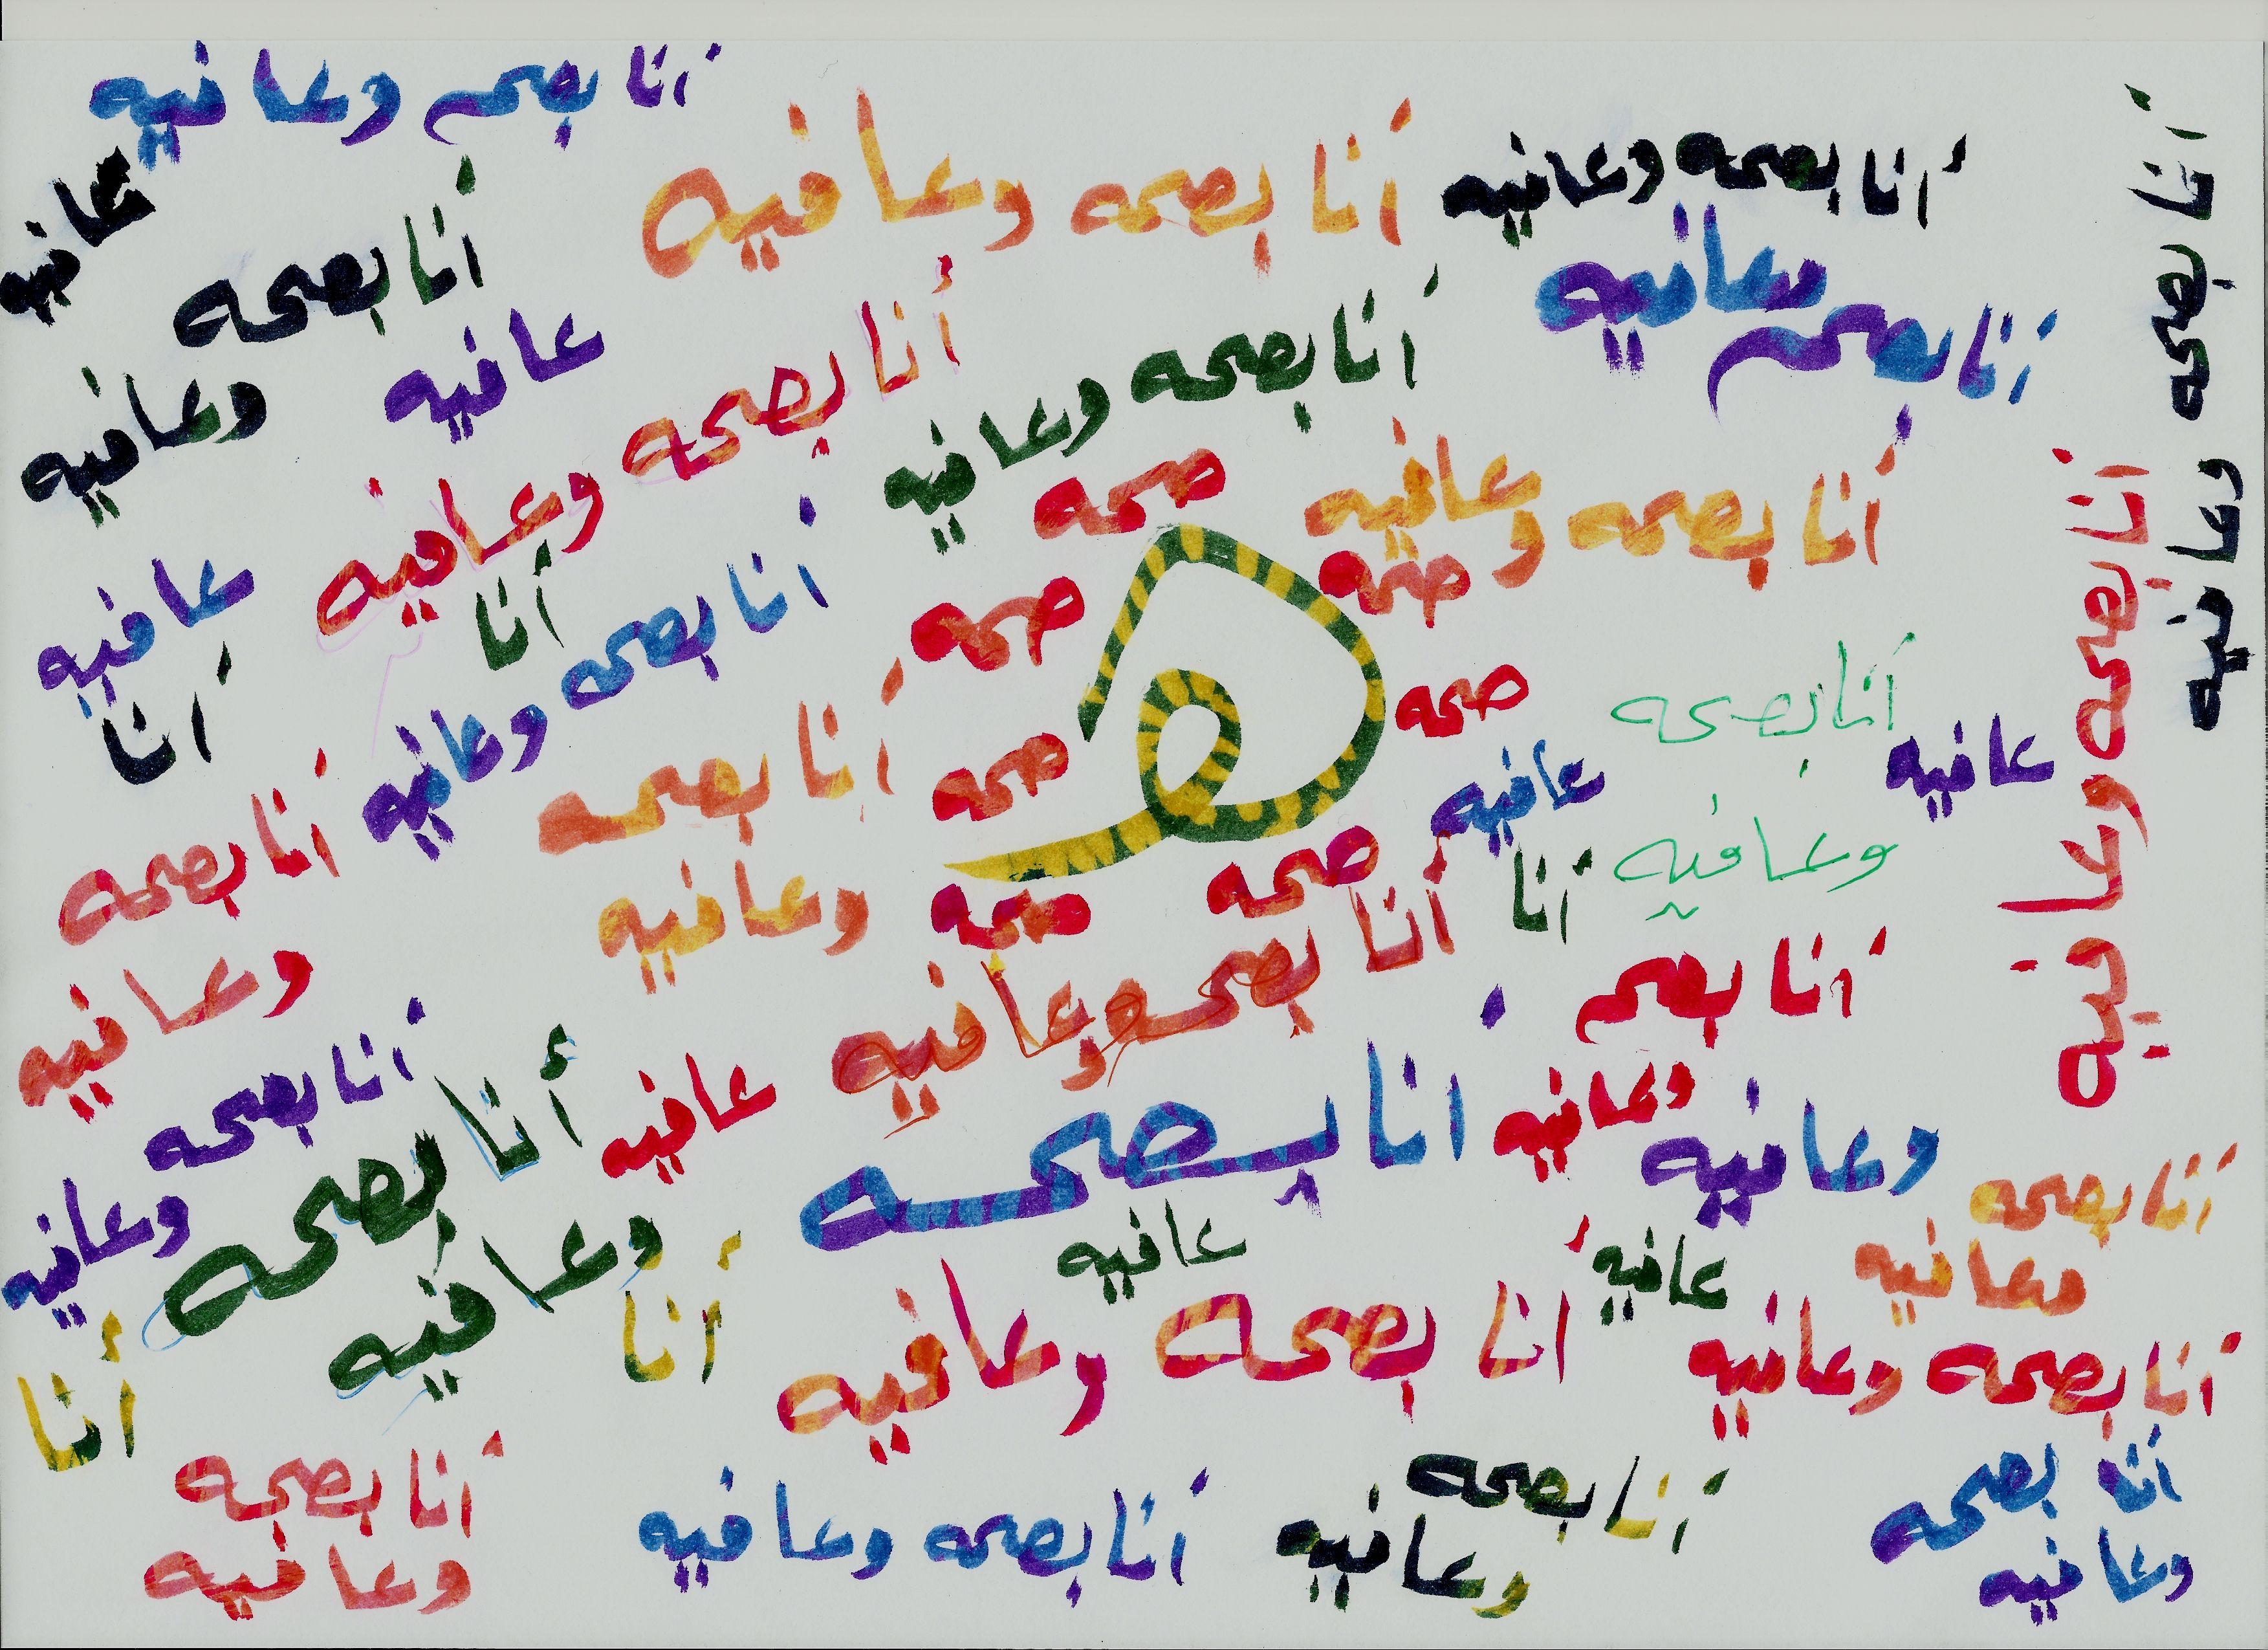 برمج عقلك بالتكرار فما تكرر تقرر و هذا مثال Arabic Calligraphy Calligraphy